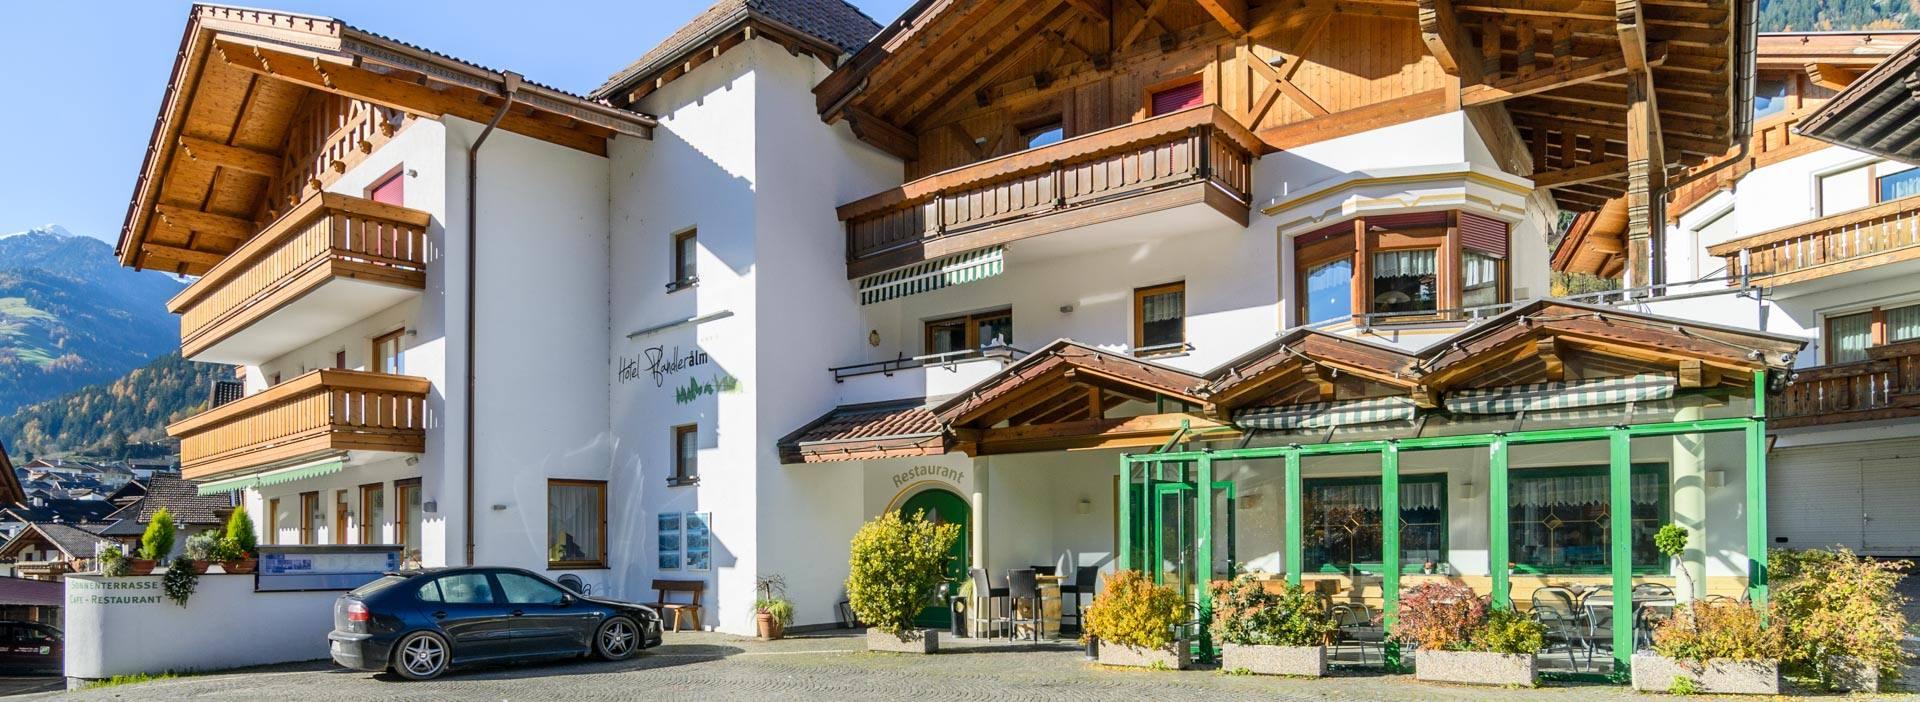 Hotel Ristorante Pfandleralm